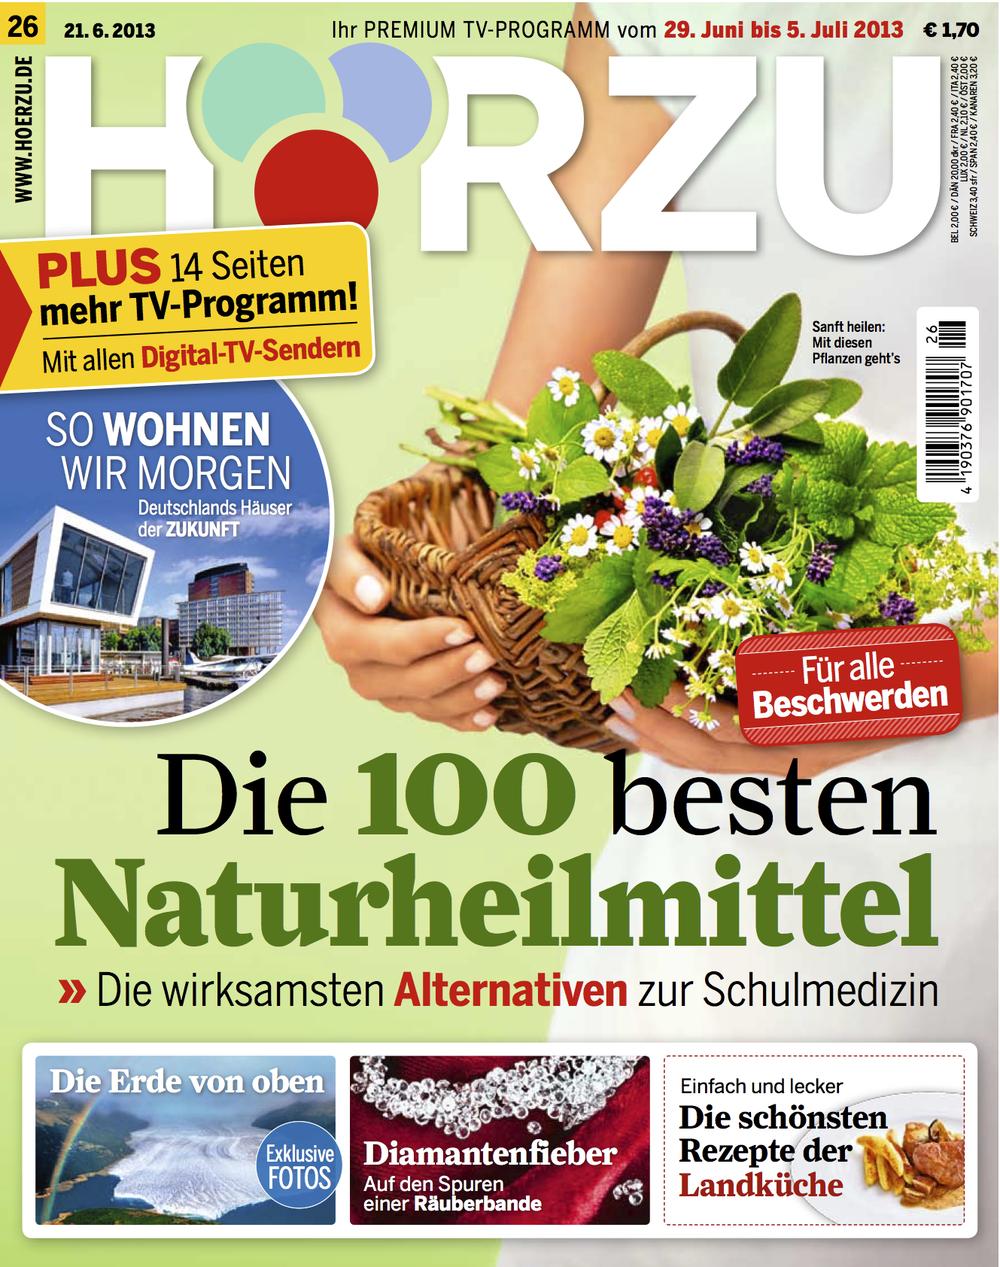 HZ_21.6.2013_Cover.jpg